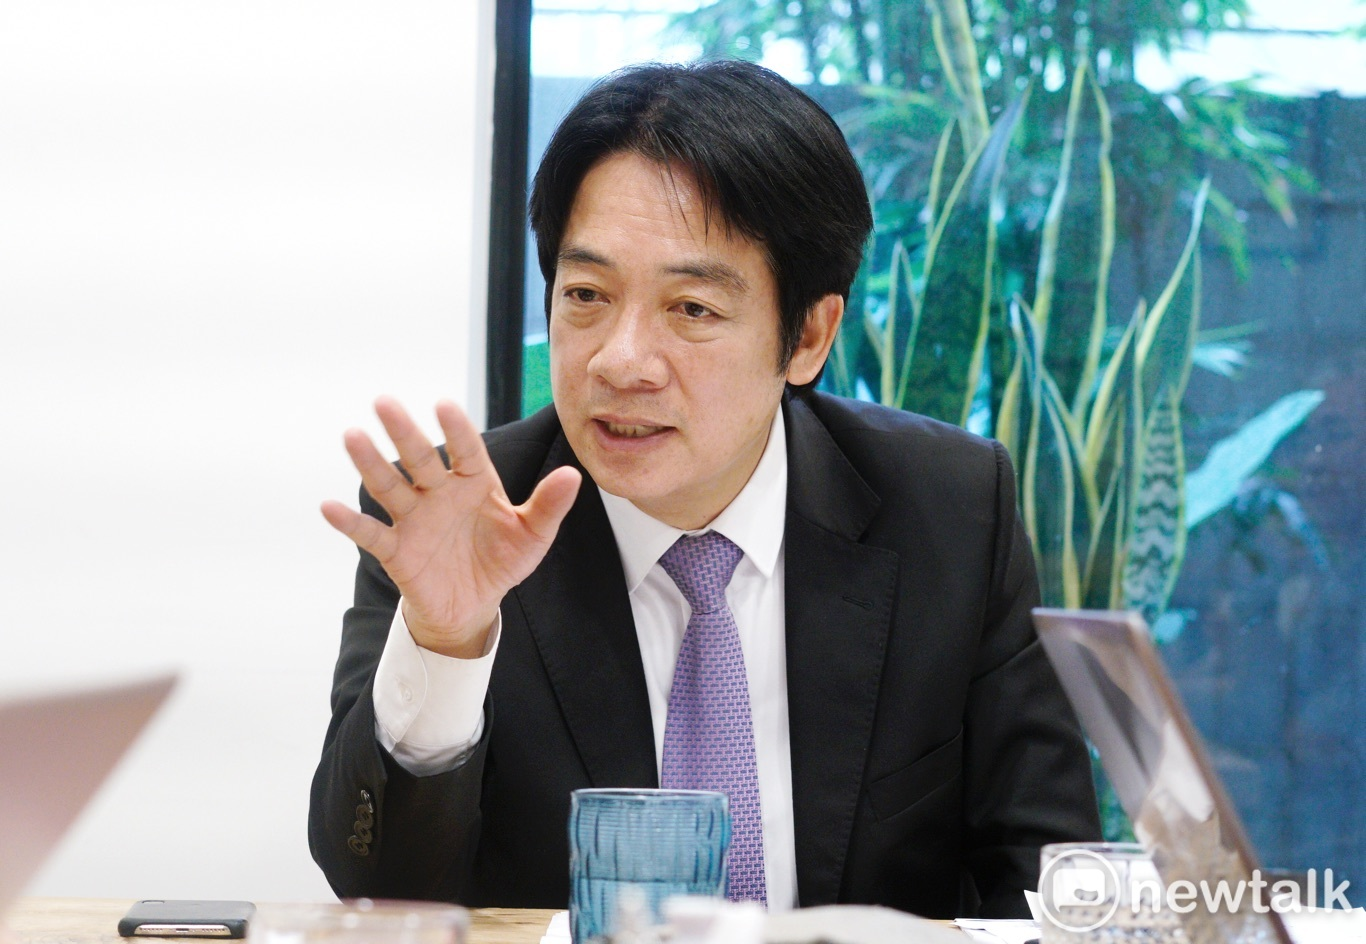 賴清德接受新頭殼專訪,他給台獨一個新定義,就是台灣獨立自主。圖/張良一攝